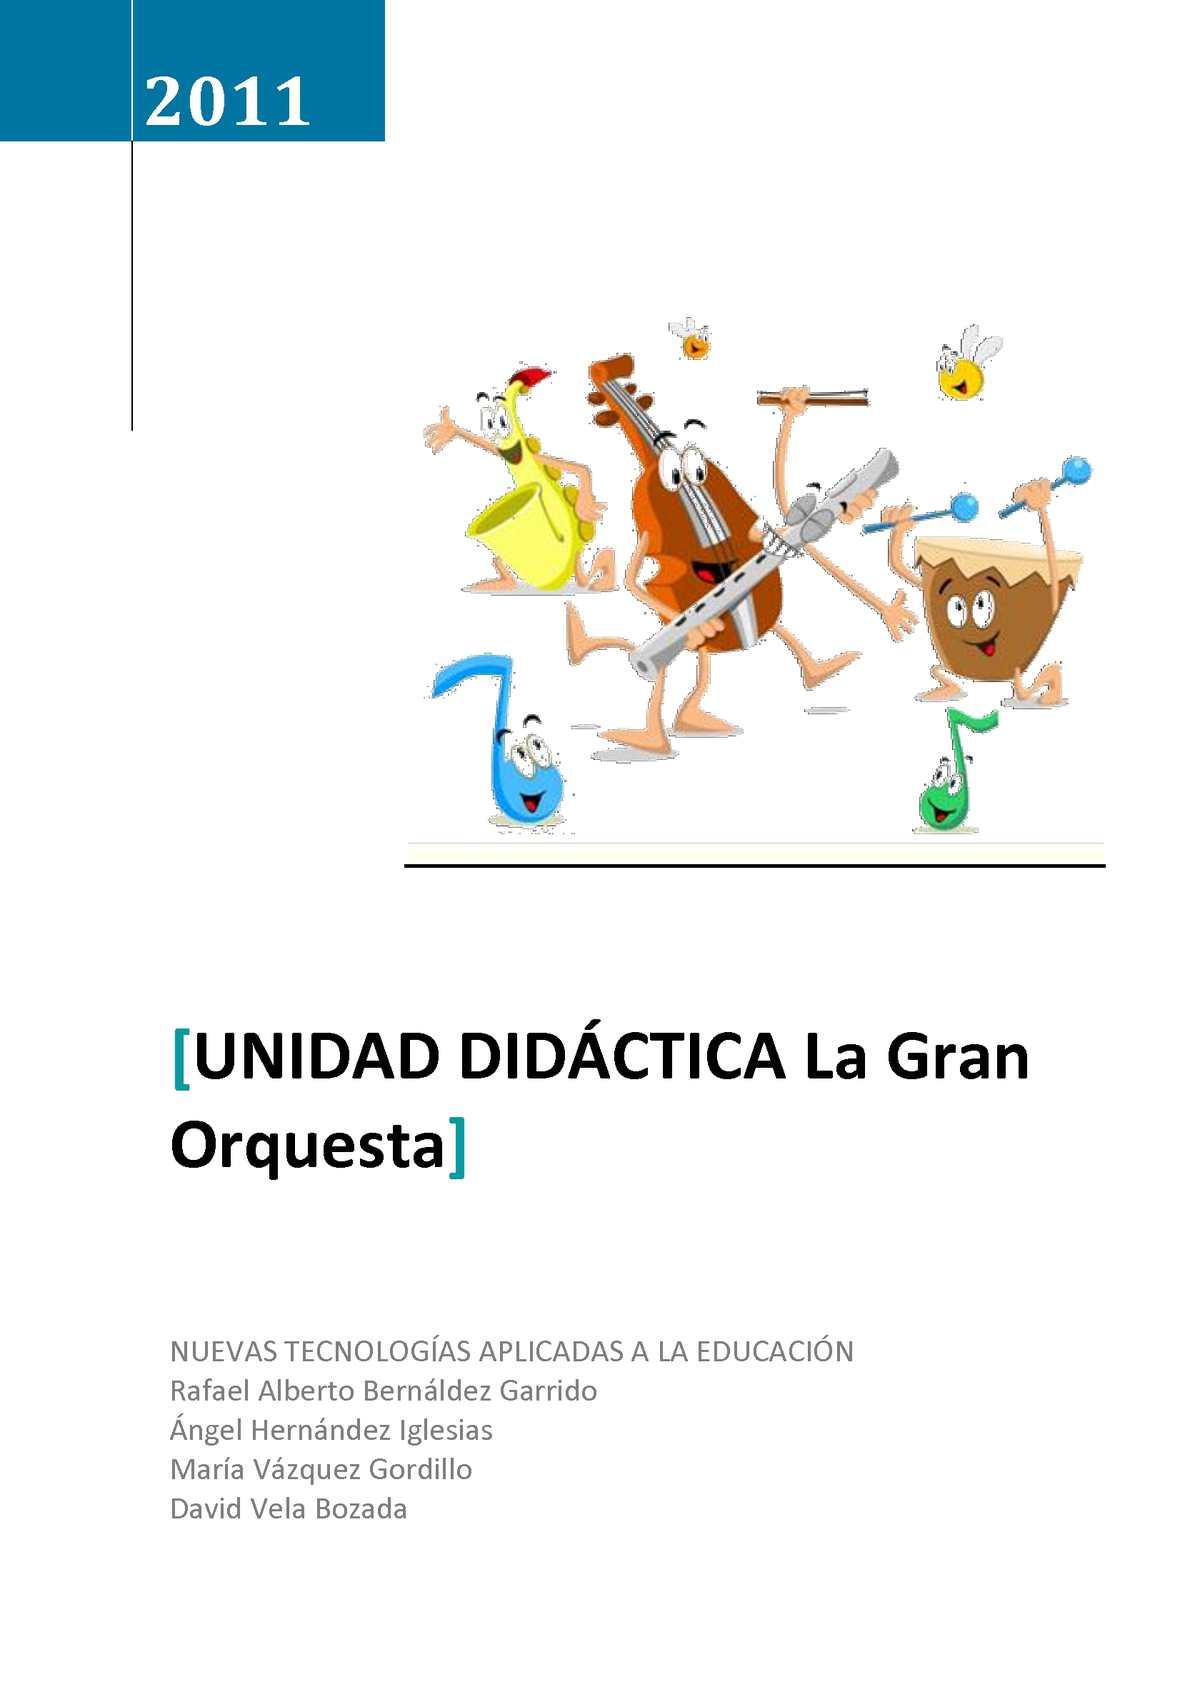 Unidad didáctica La Gran Orquesta